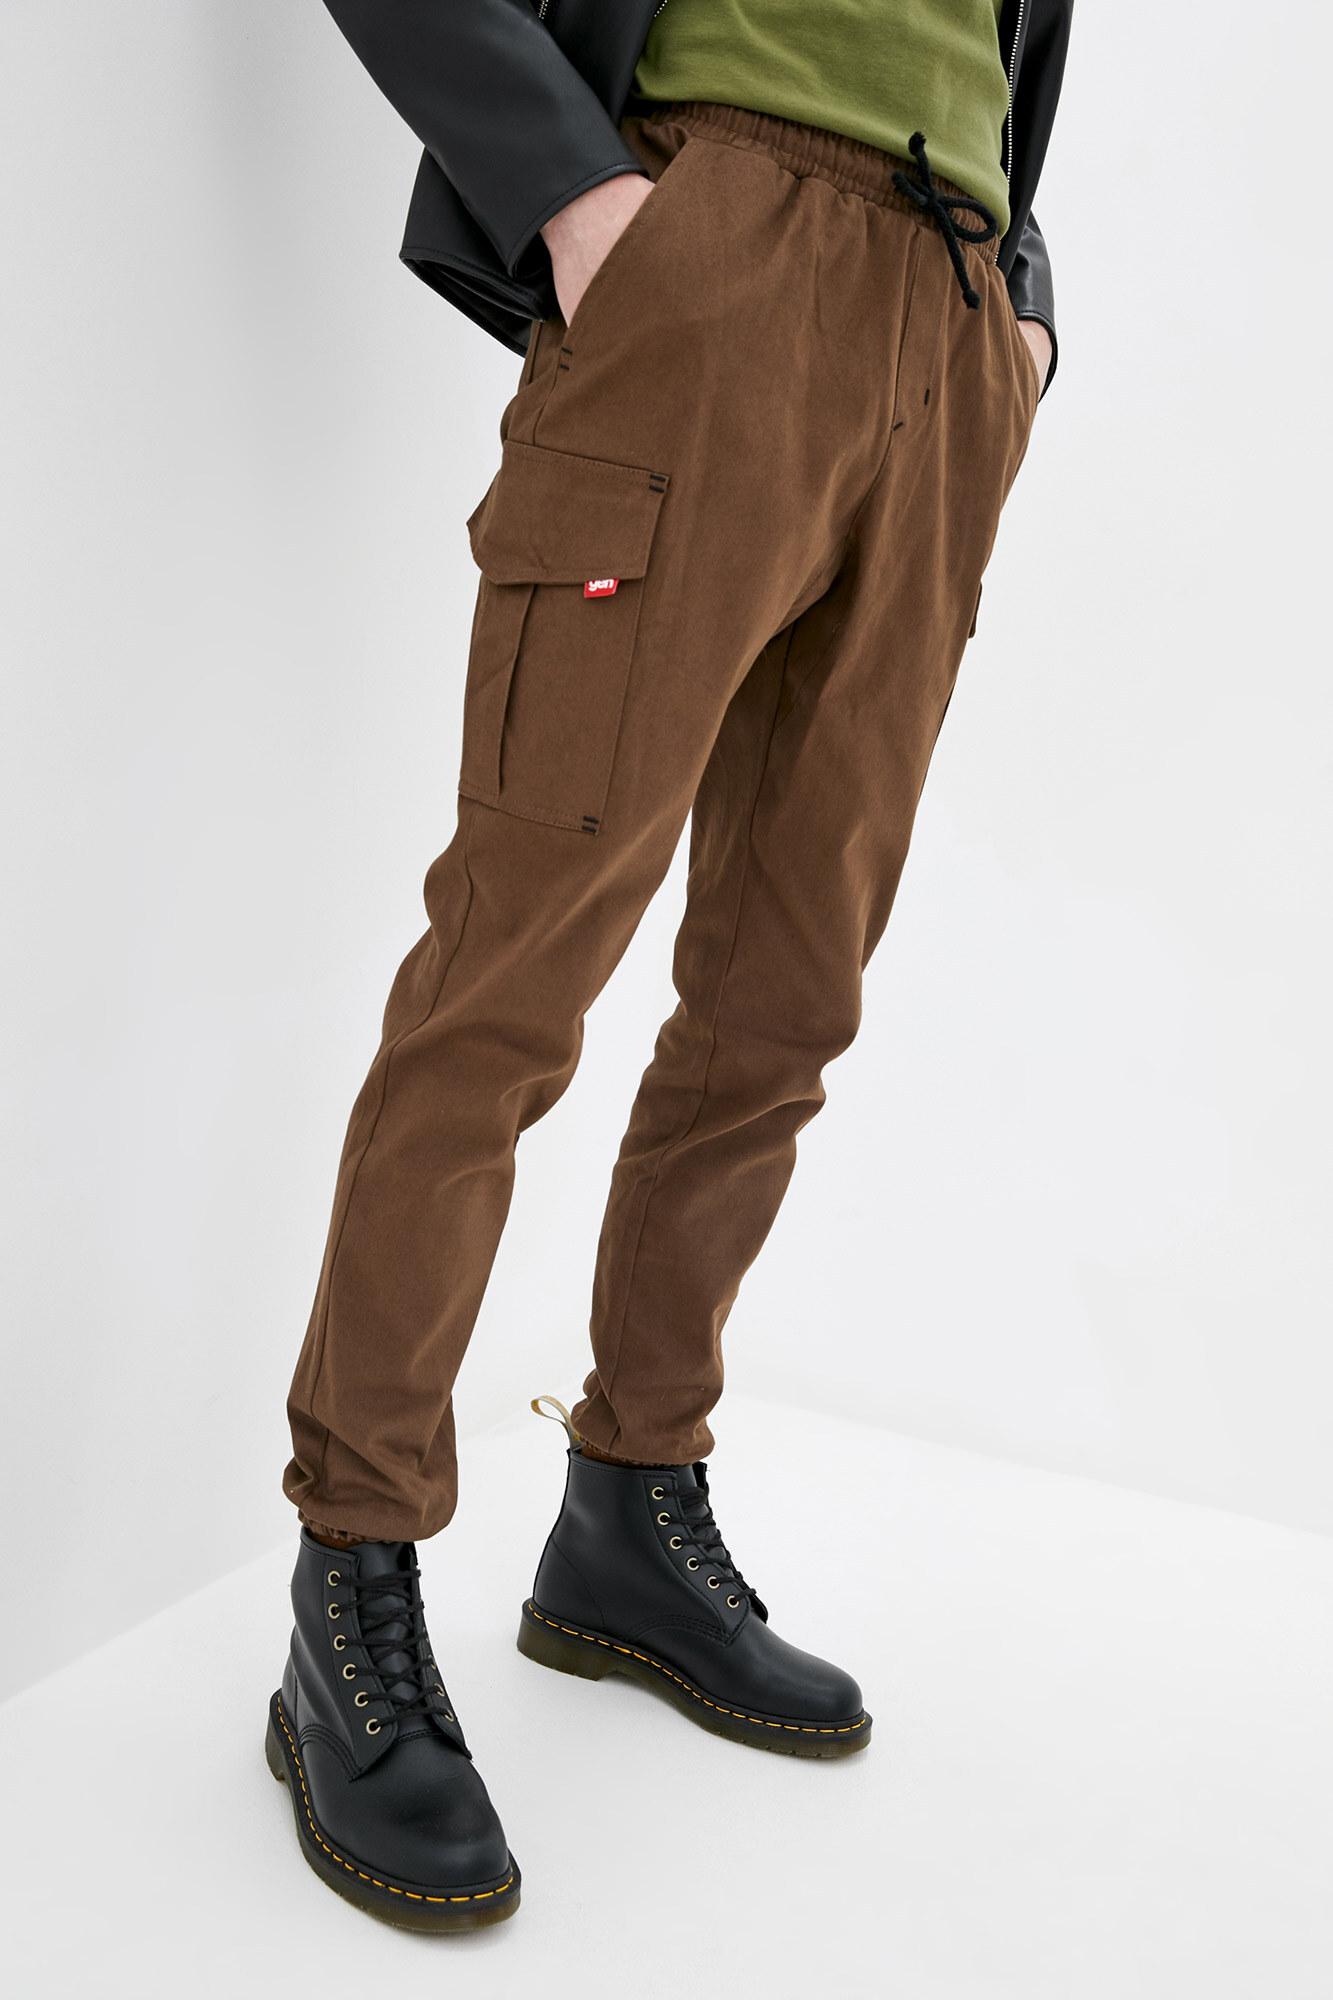 Коричневые джинсовые штаны карго на манжетах